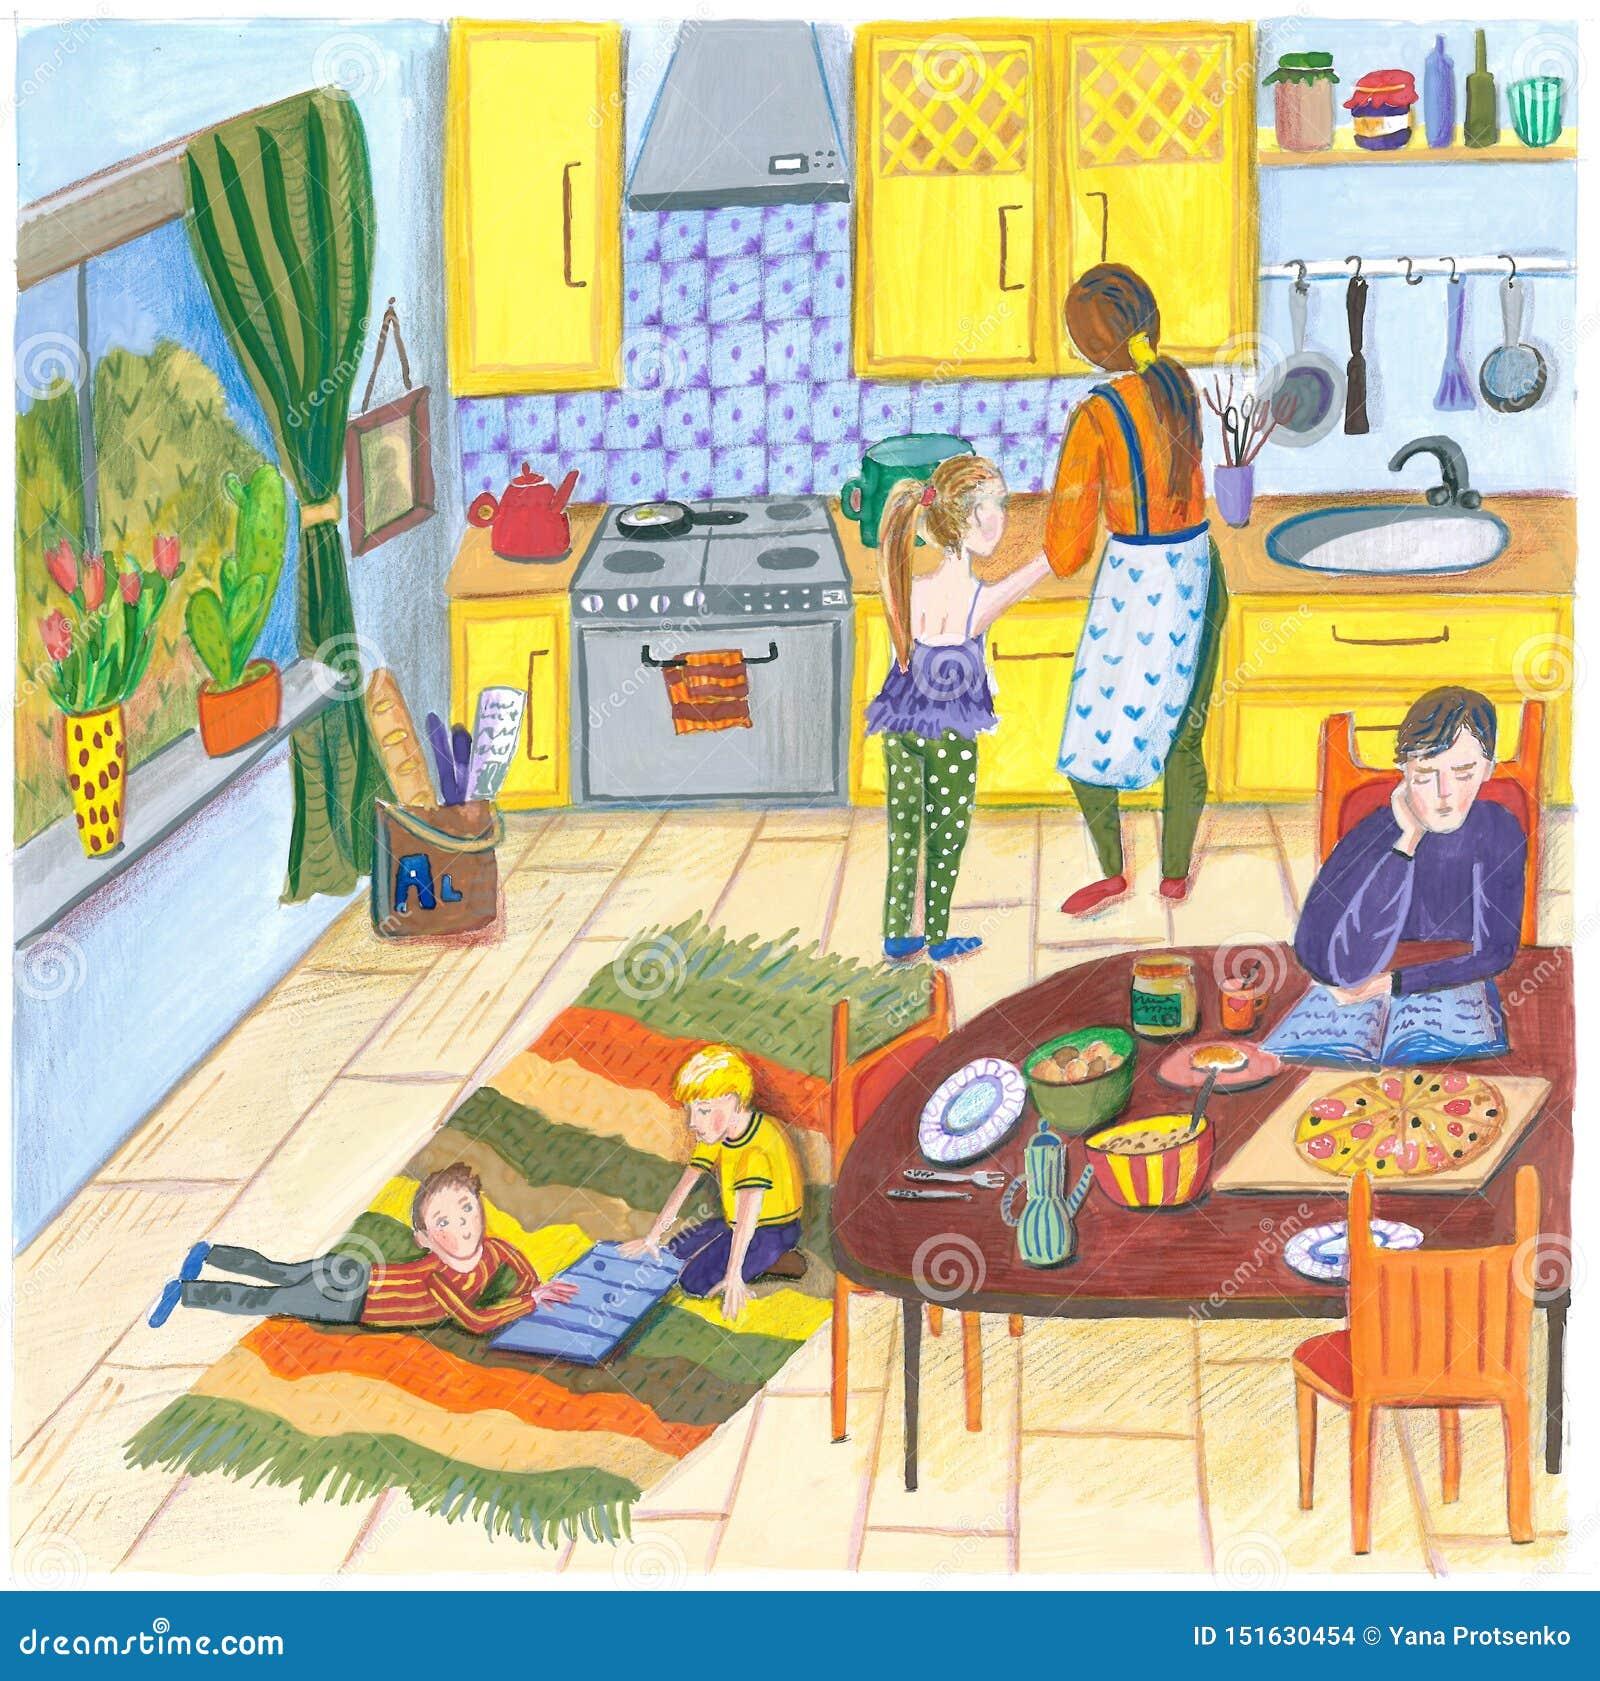 Ilustração de uma família feliz em casa na cozinha para o almoço, o jantar ou o café da manhã, a mãe, o pai, a criança e o cão na